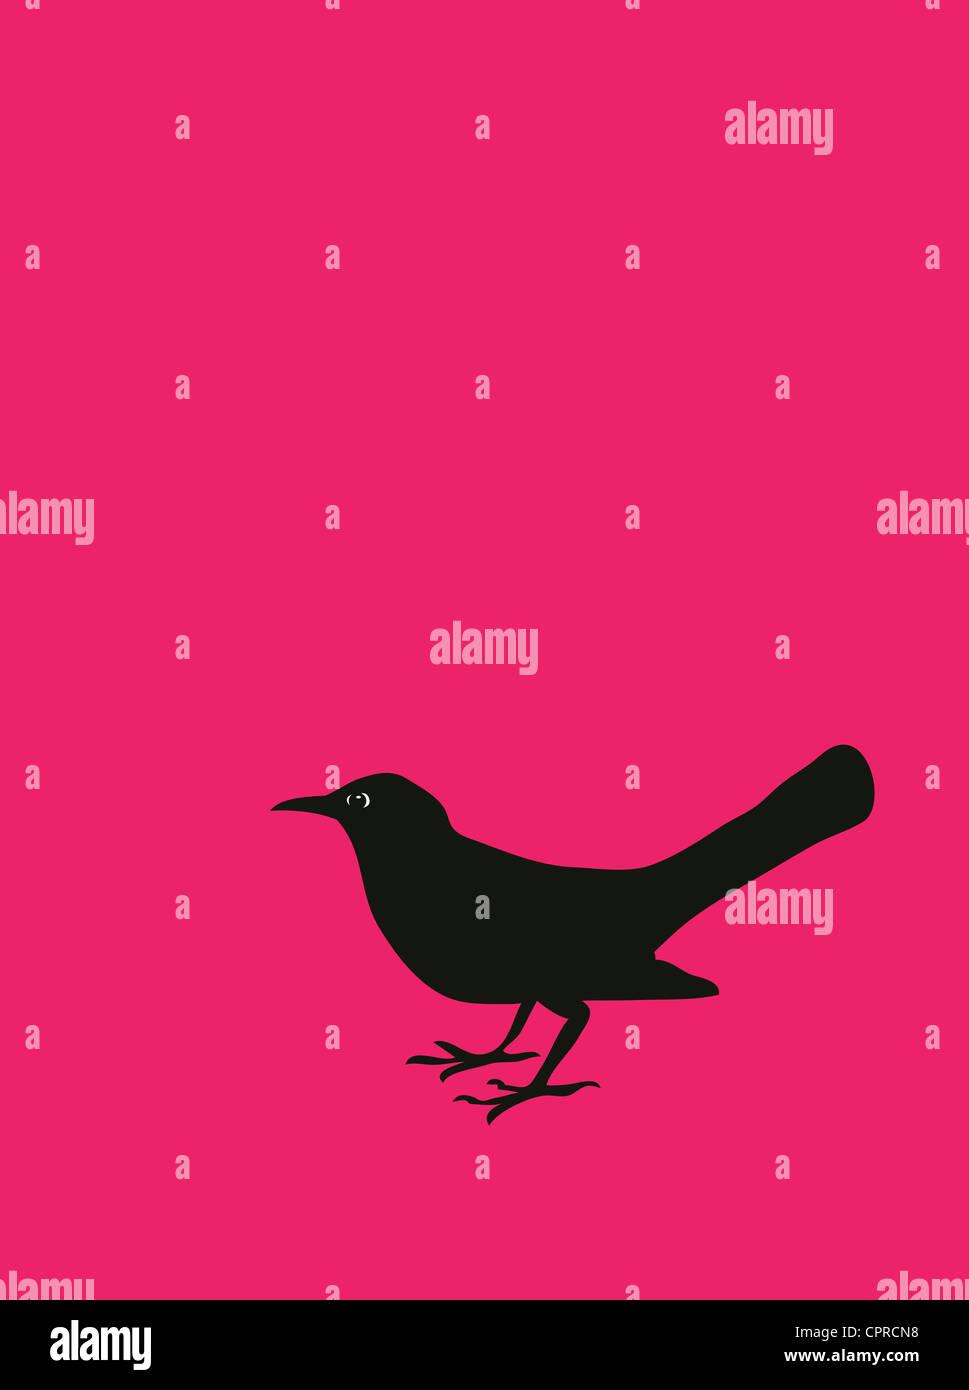 Un mirlo sobre un fondo de color rosa. Imagen De Stock